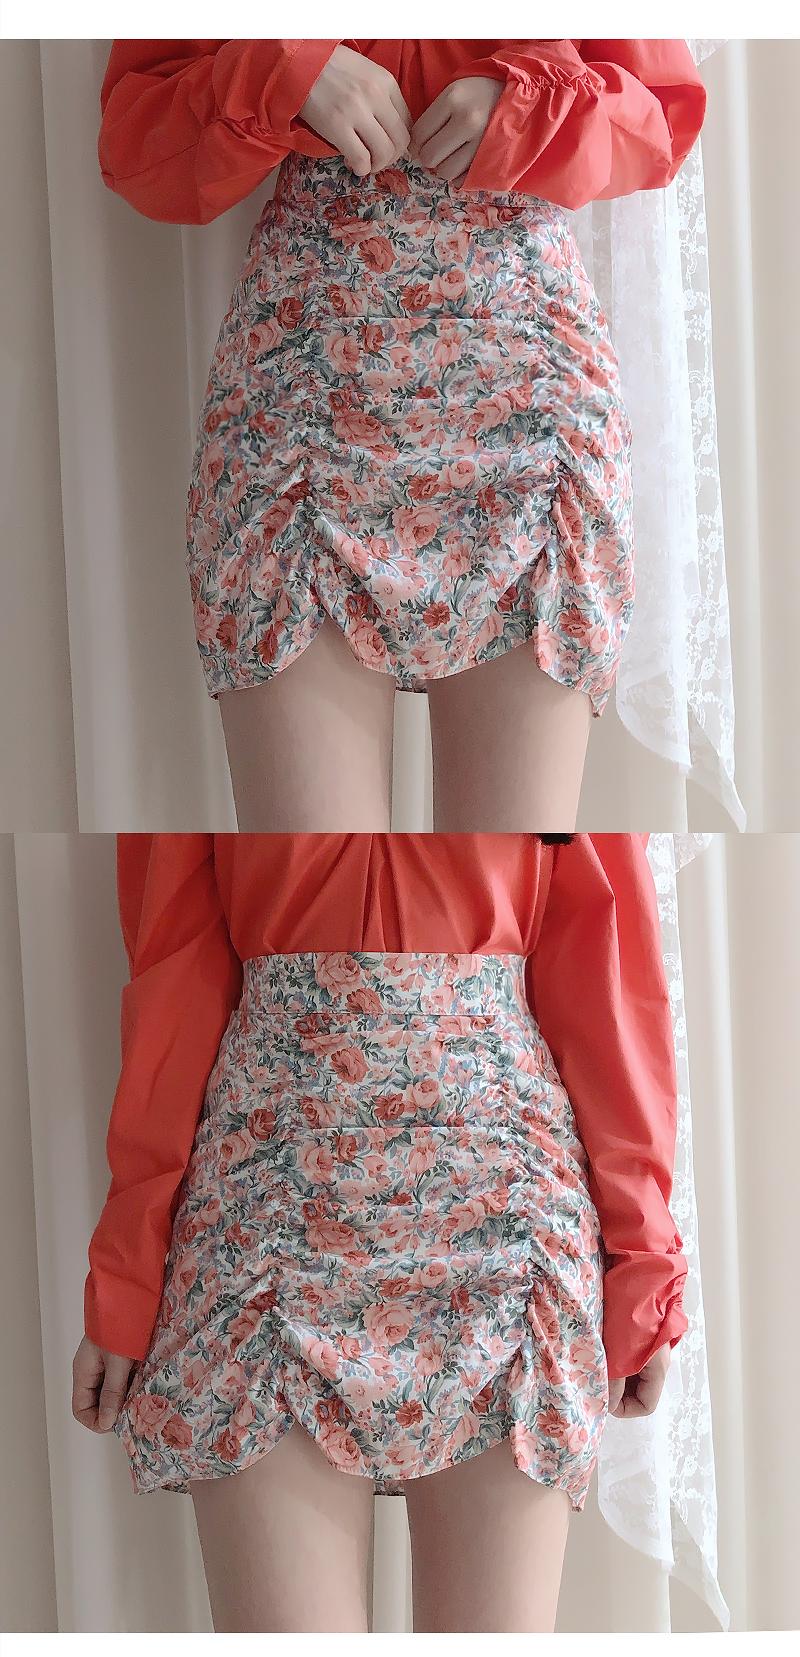 Class flower shearing skirt